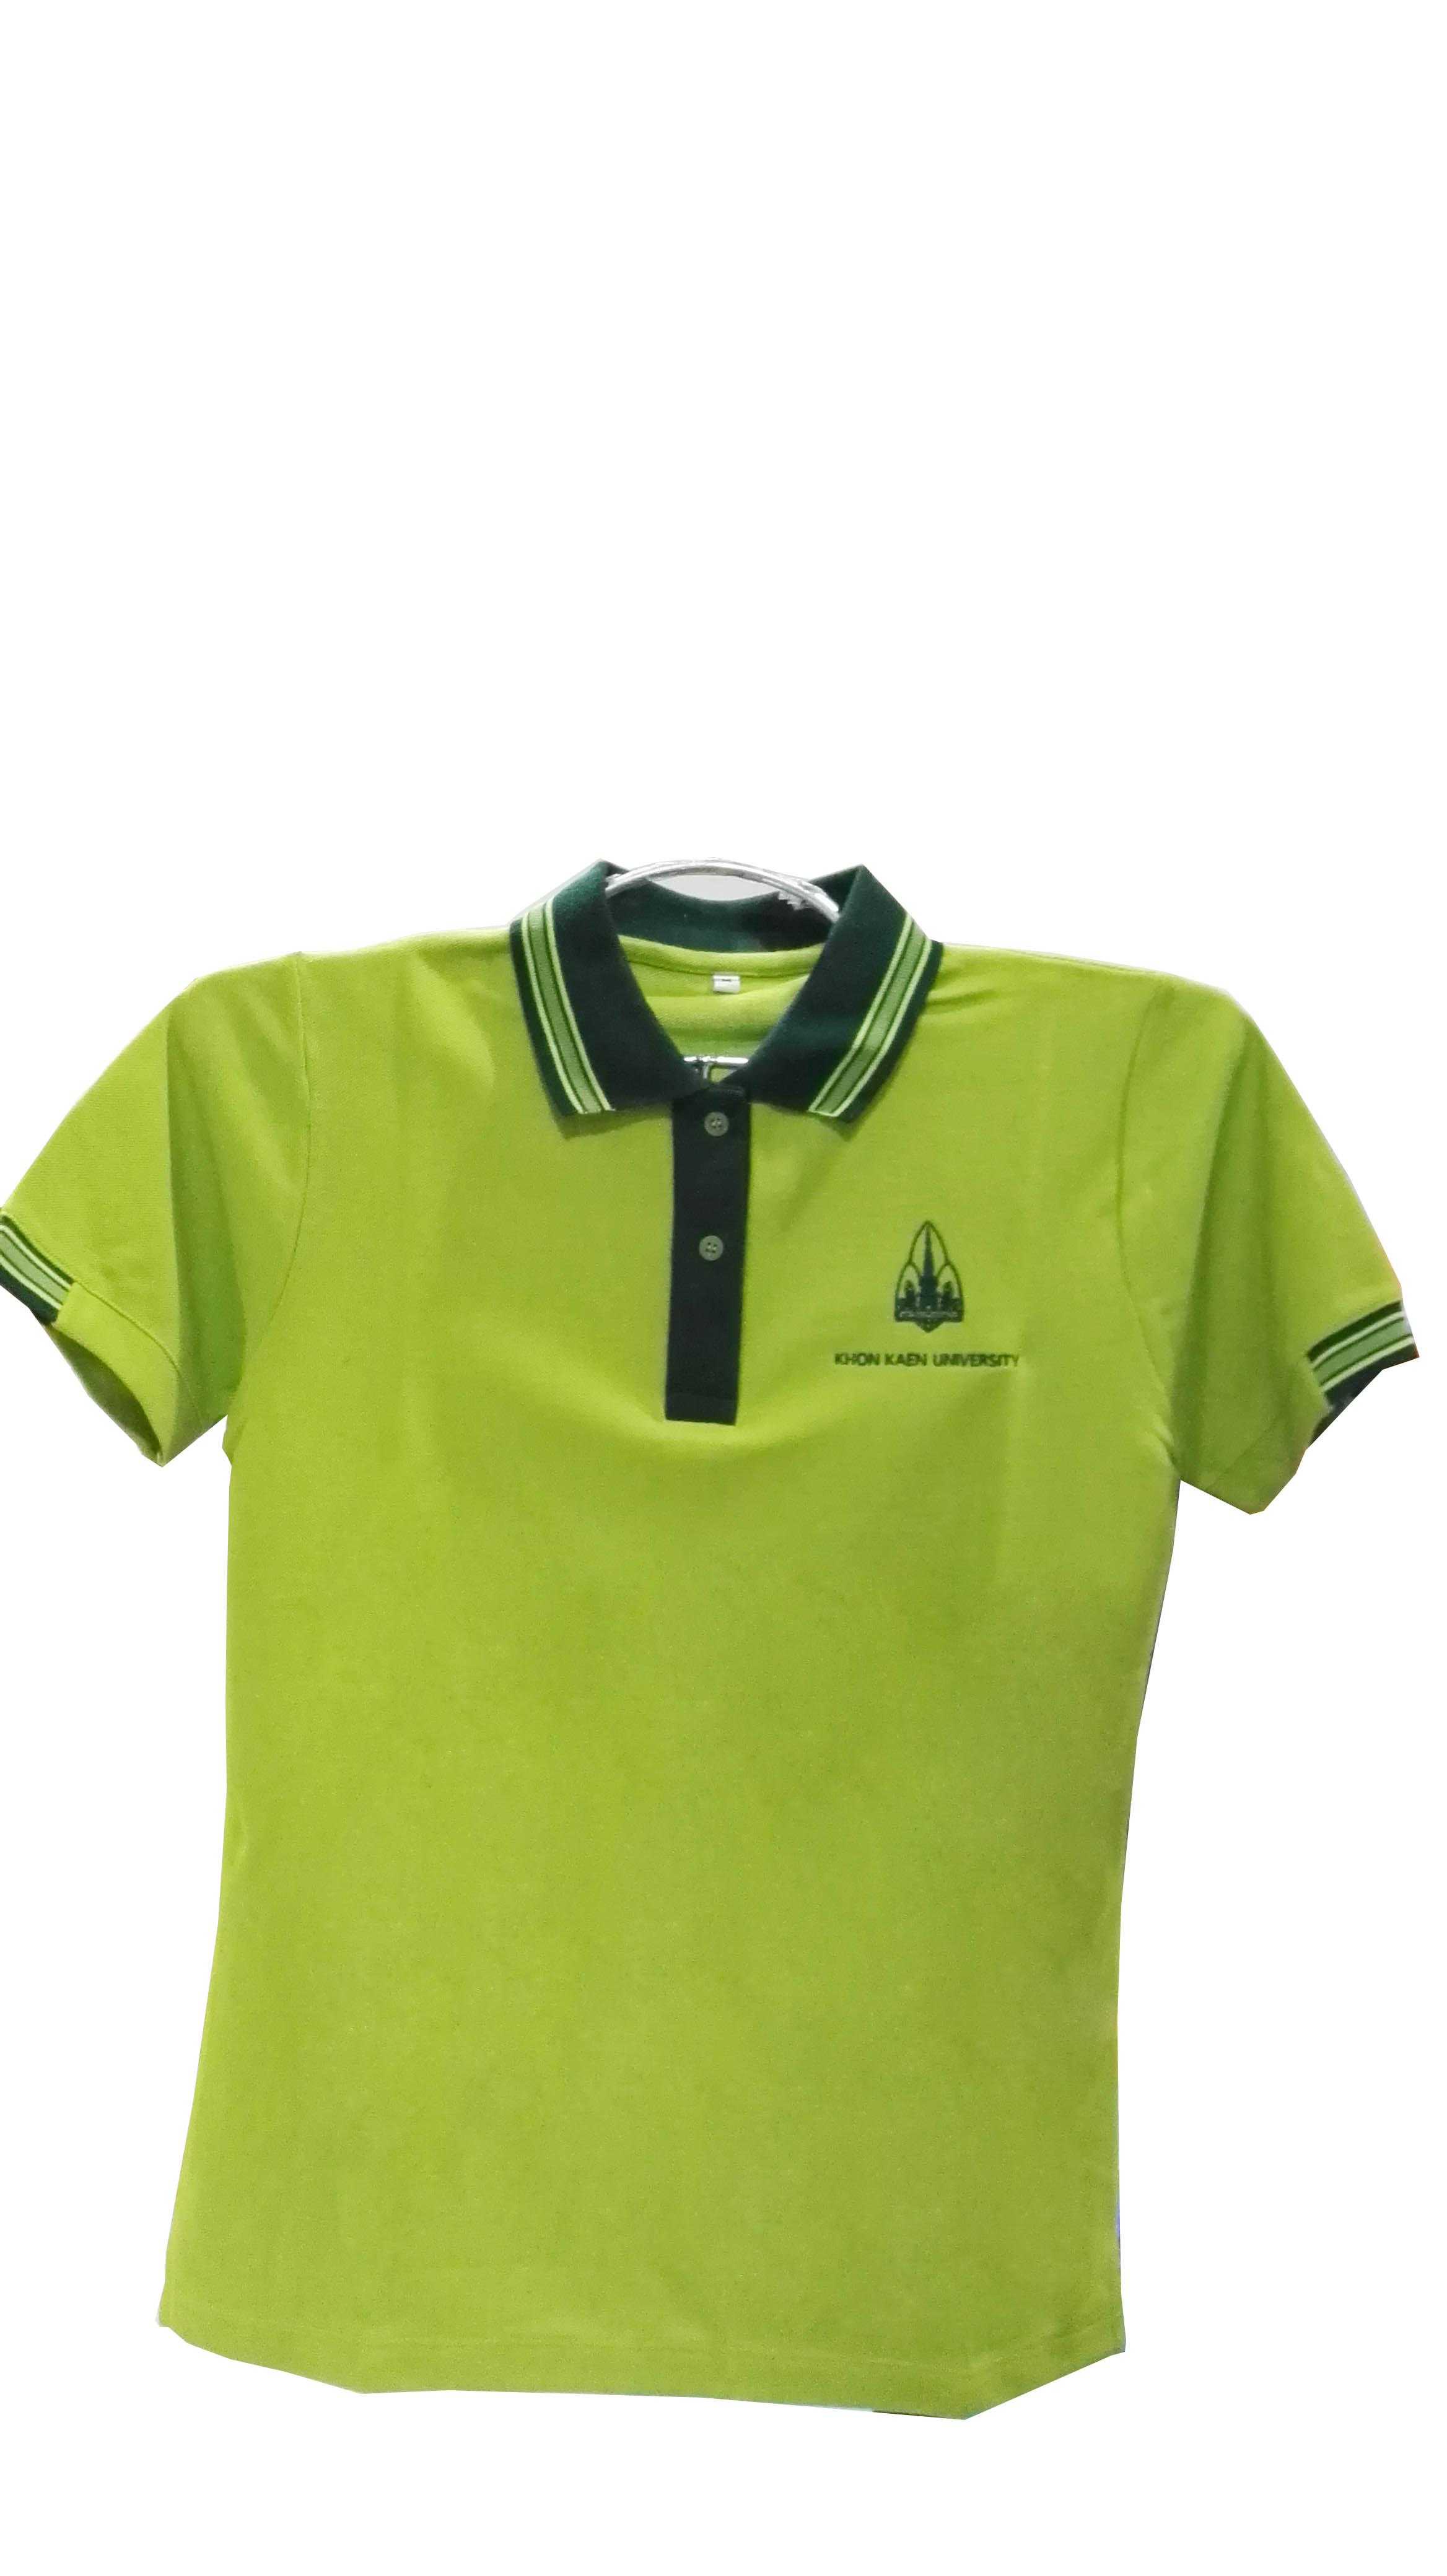 เสื้อโปโลสีเขียวขี้ม้า XL(หญิง)